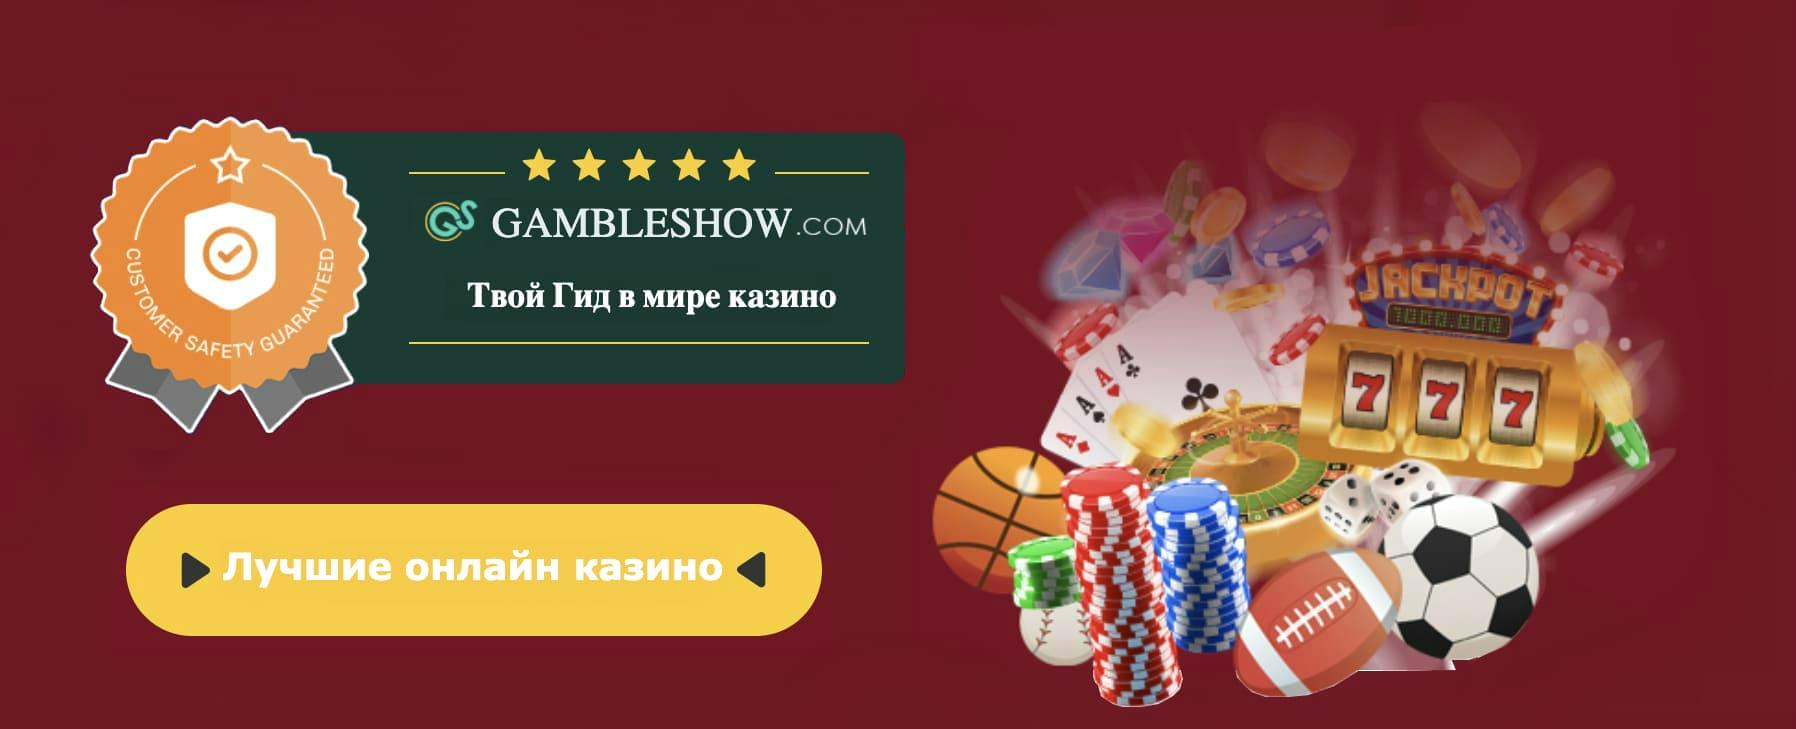 русскоязычные бездепозитные онлайн казино